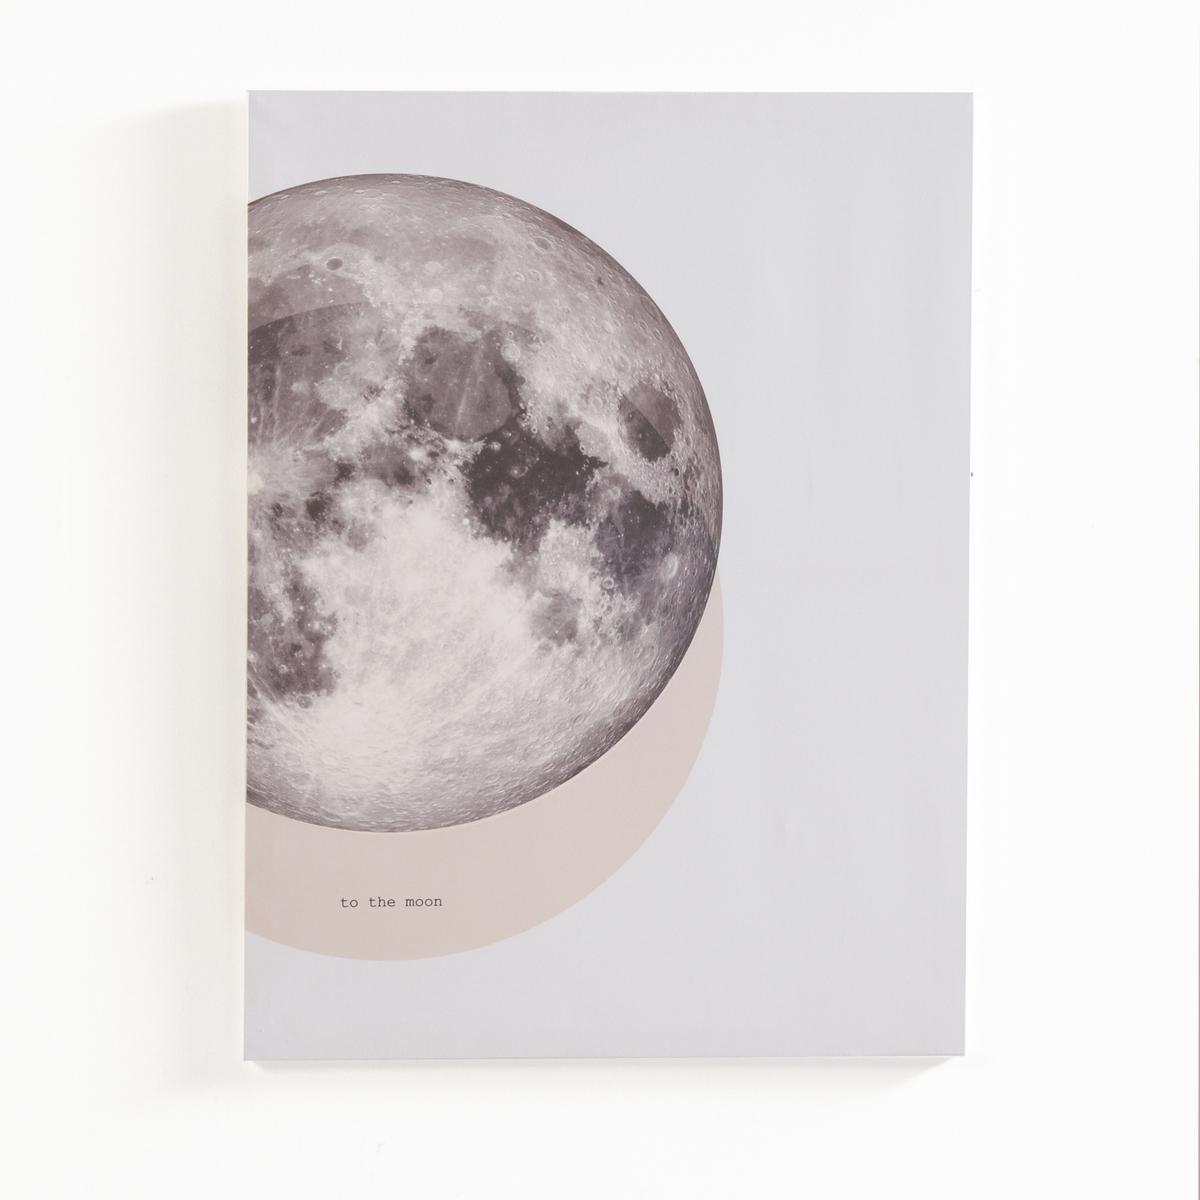 Картина с рисунком луны to the moonКартина с рисунком луны для поэтической атмосферы. Картина To the moon, рама из сосны.Характеристики картины To the Moon :Картина на холсте в раме из сосны. Крепится на стену.1 кронштейн для крепления на стену (винты и дюбели продаются отдельно)Размеры картины to the moon :Панно : В.80 x 60 x 1,8 см.<br><br>Цвет: серый/ розовый<br>Размер: единый размер